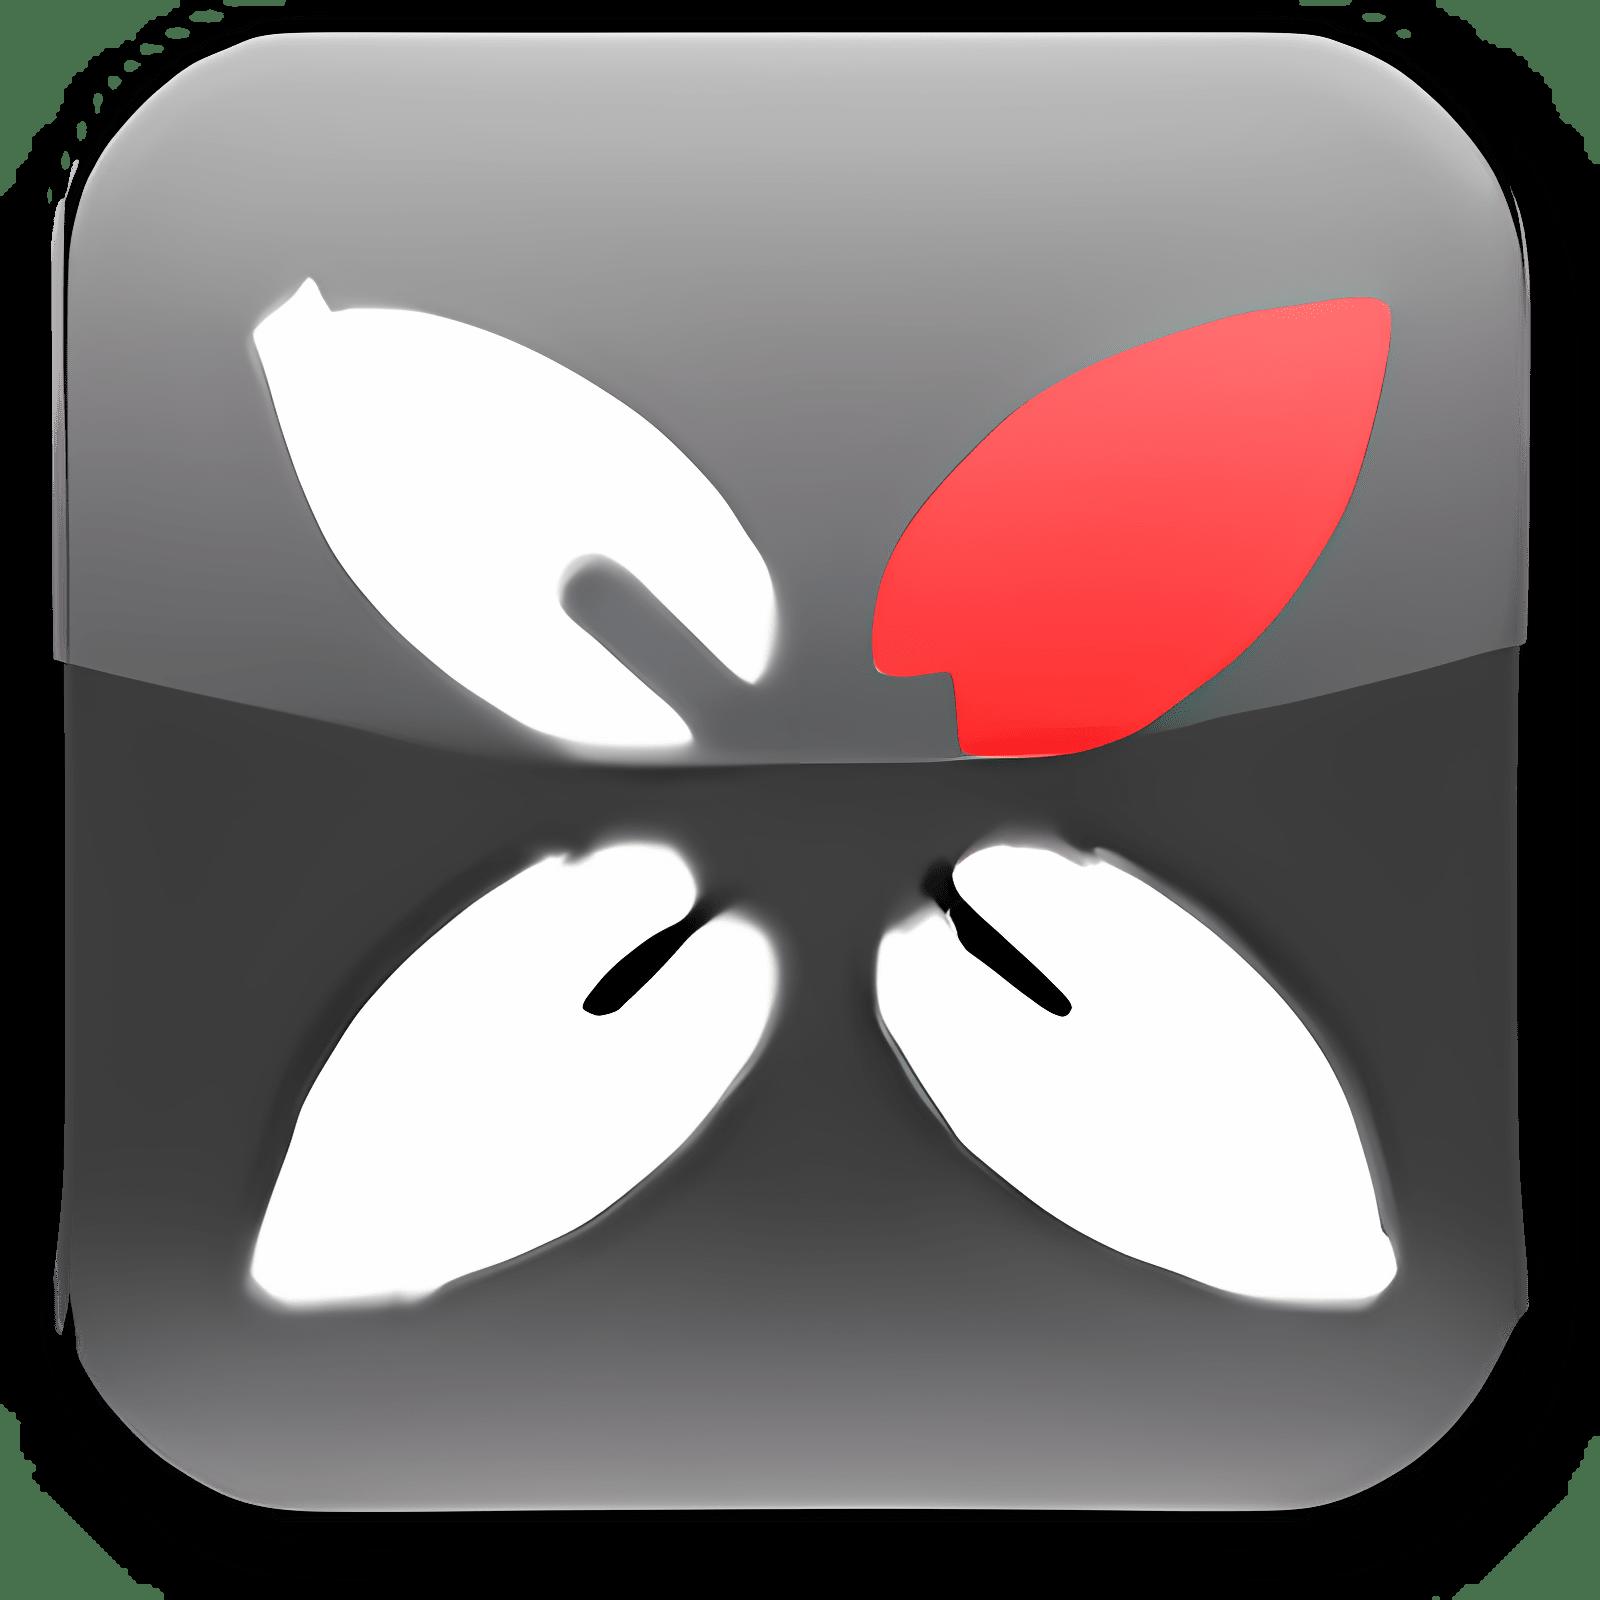 Sagelight 4.0